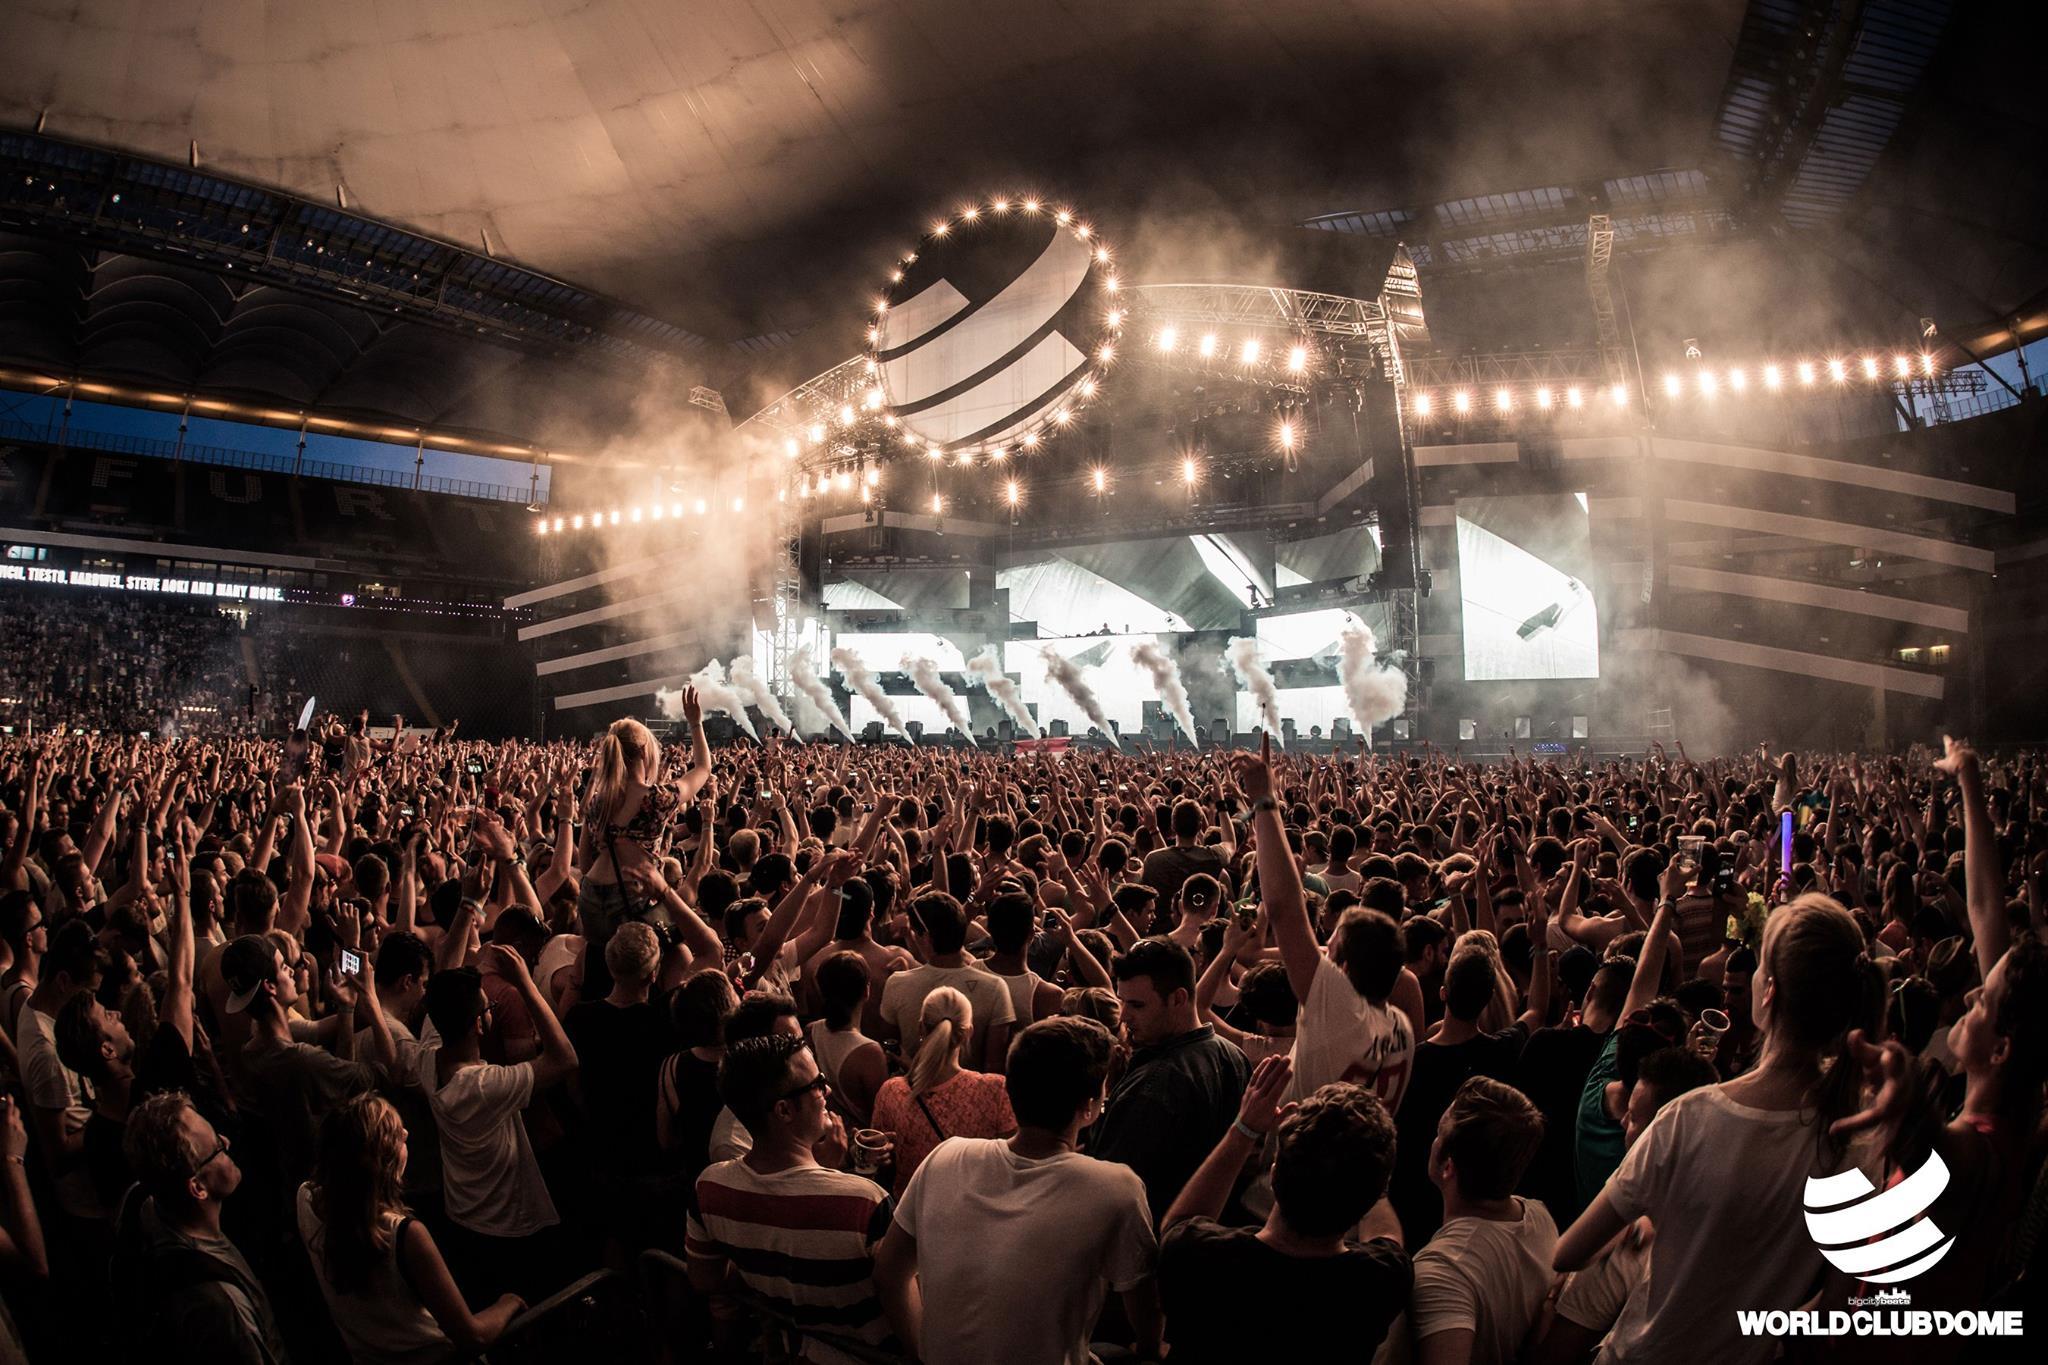 Über 100.000 Fans beim BigCityBeats WORLD CLUB DOME - Schon jetzt Vorverkaufsrekord für 2016!